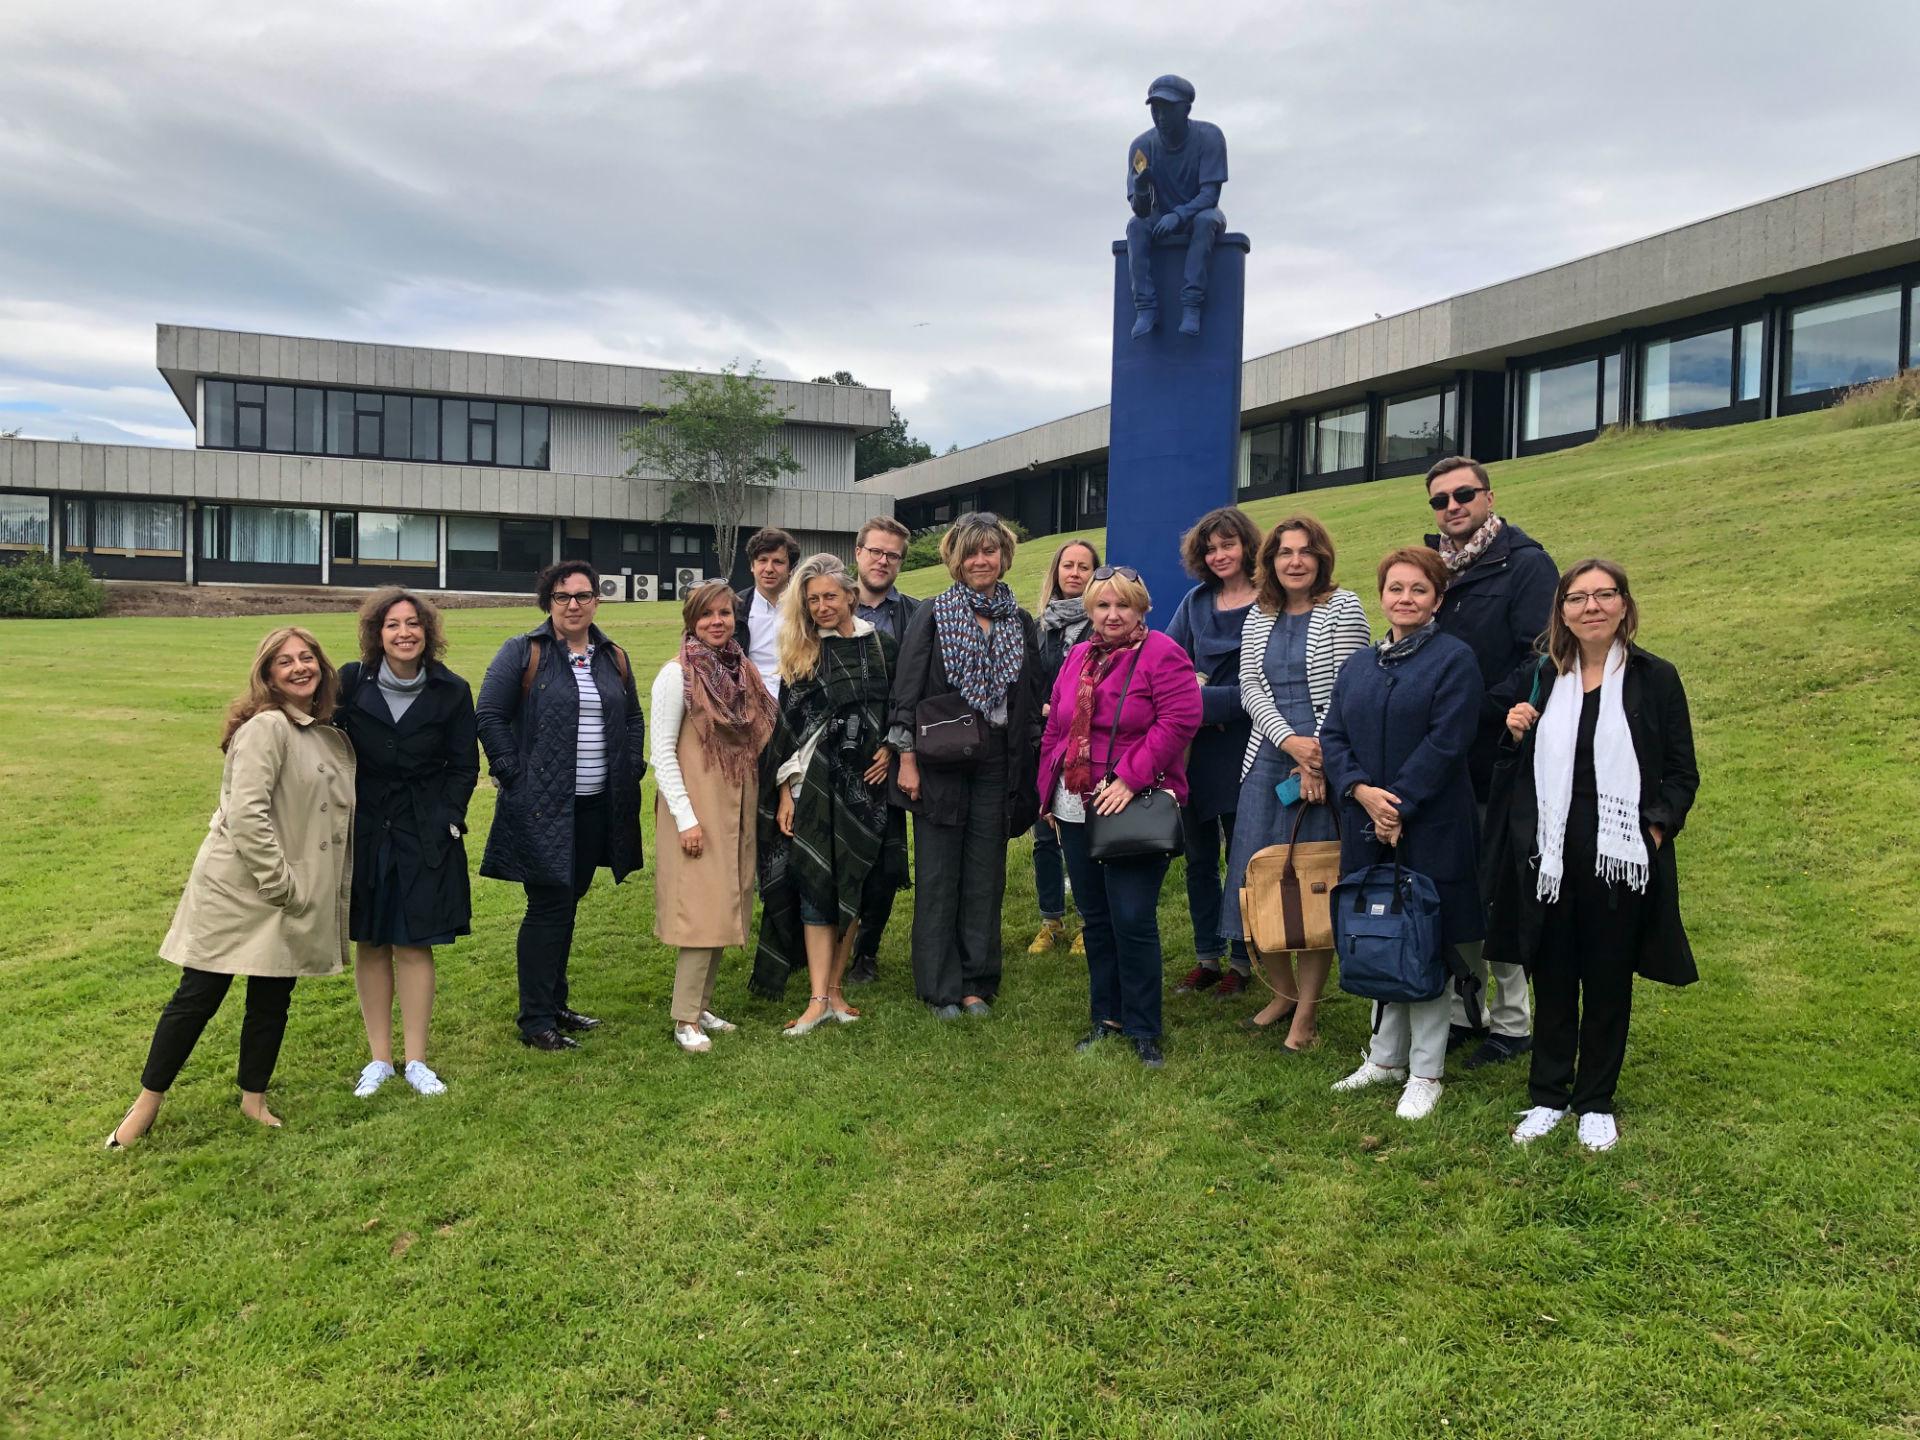 Igor et Antonina à l'Université de Stirling (Ecosse) avec leurs partenaires, des compatriotes de 6 pays, lors d'un séminaire organisé dans le cadre du programme Erasmus +